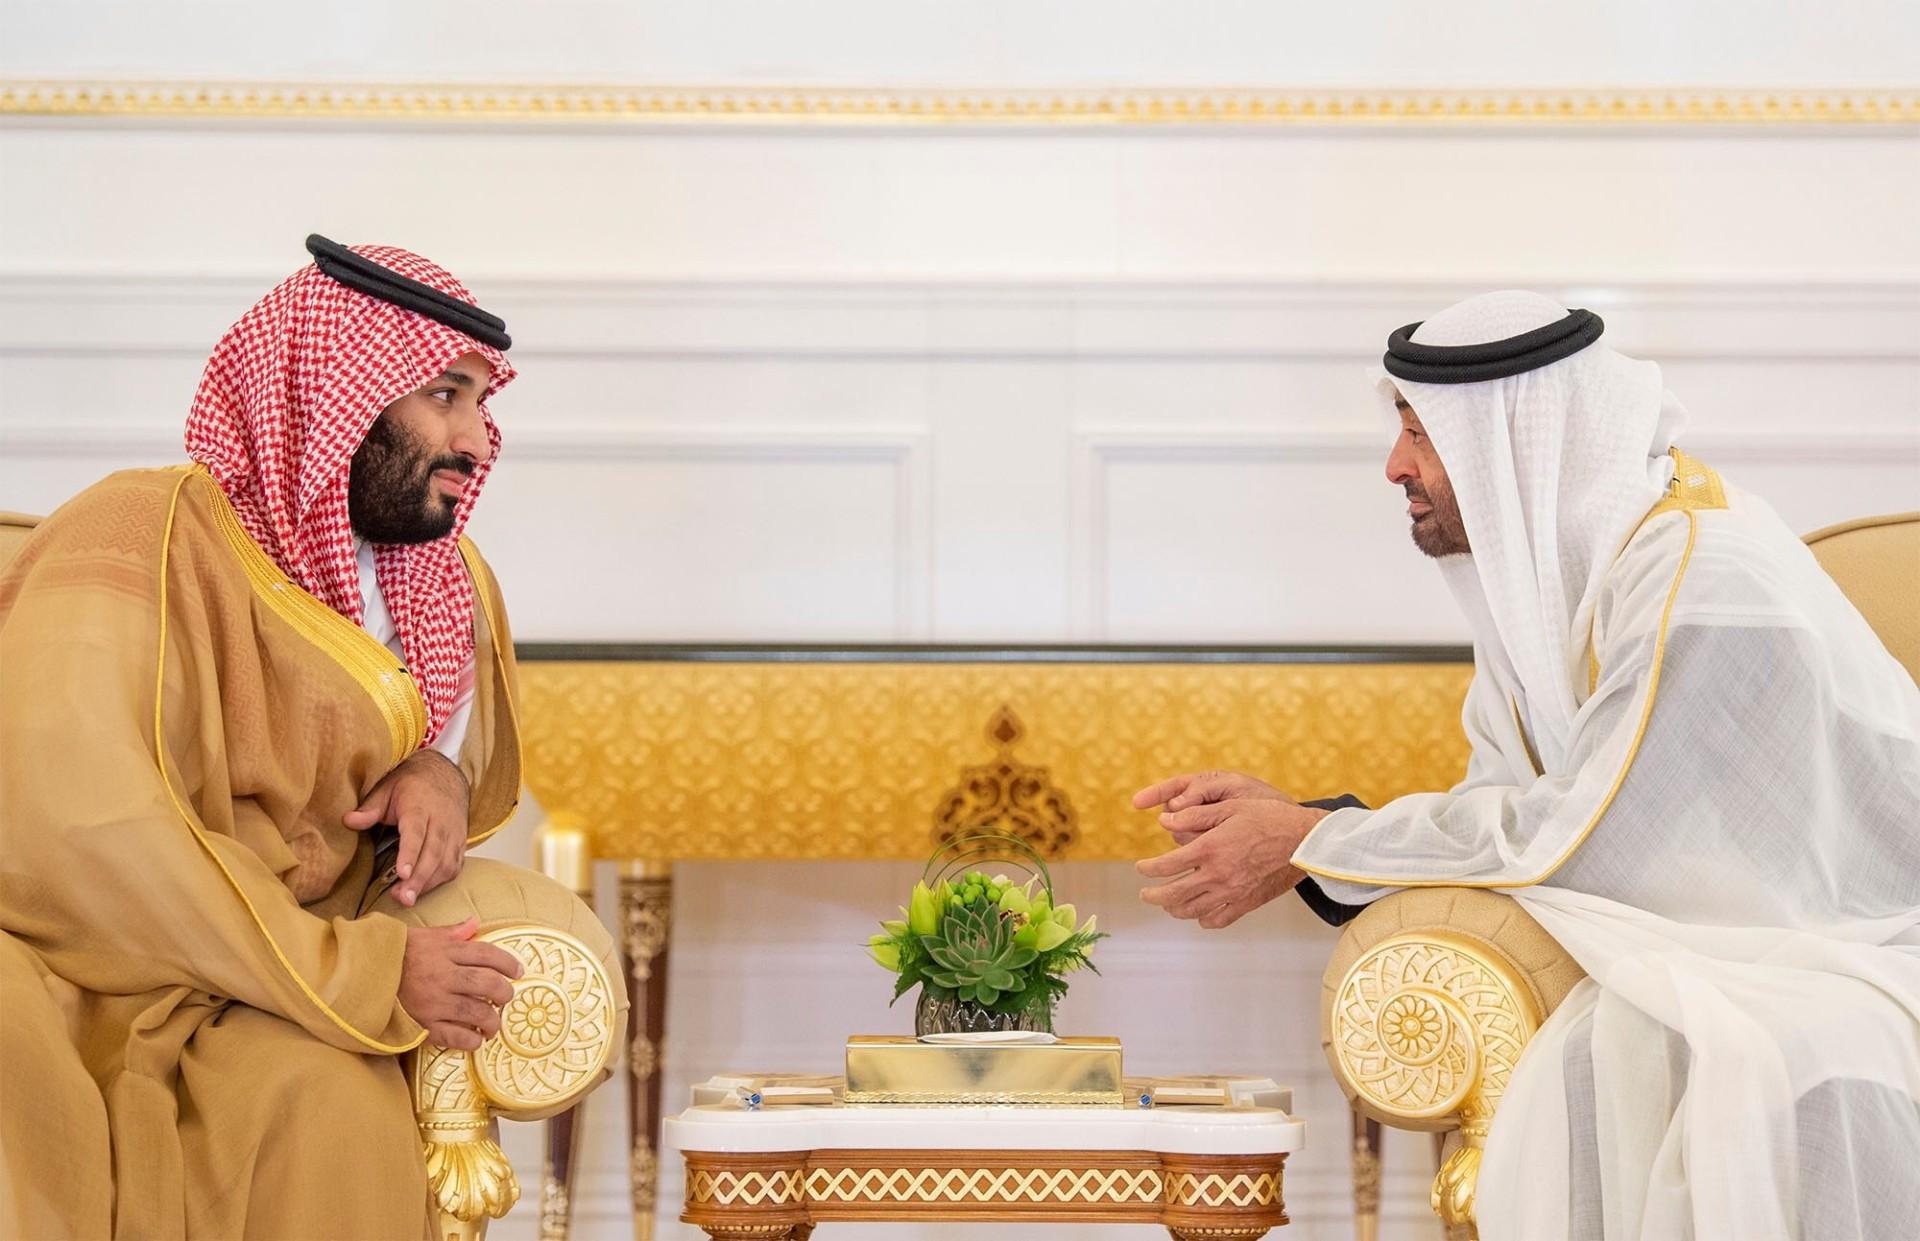 رقابت عربستان و امارات در عین رفاقت / آیا بن زاید را باید آموزگارِ بن سلمان دانست؟